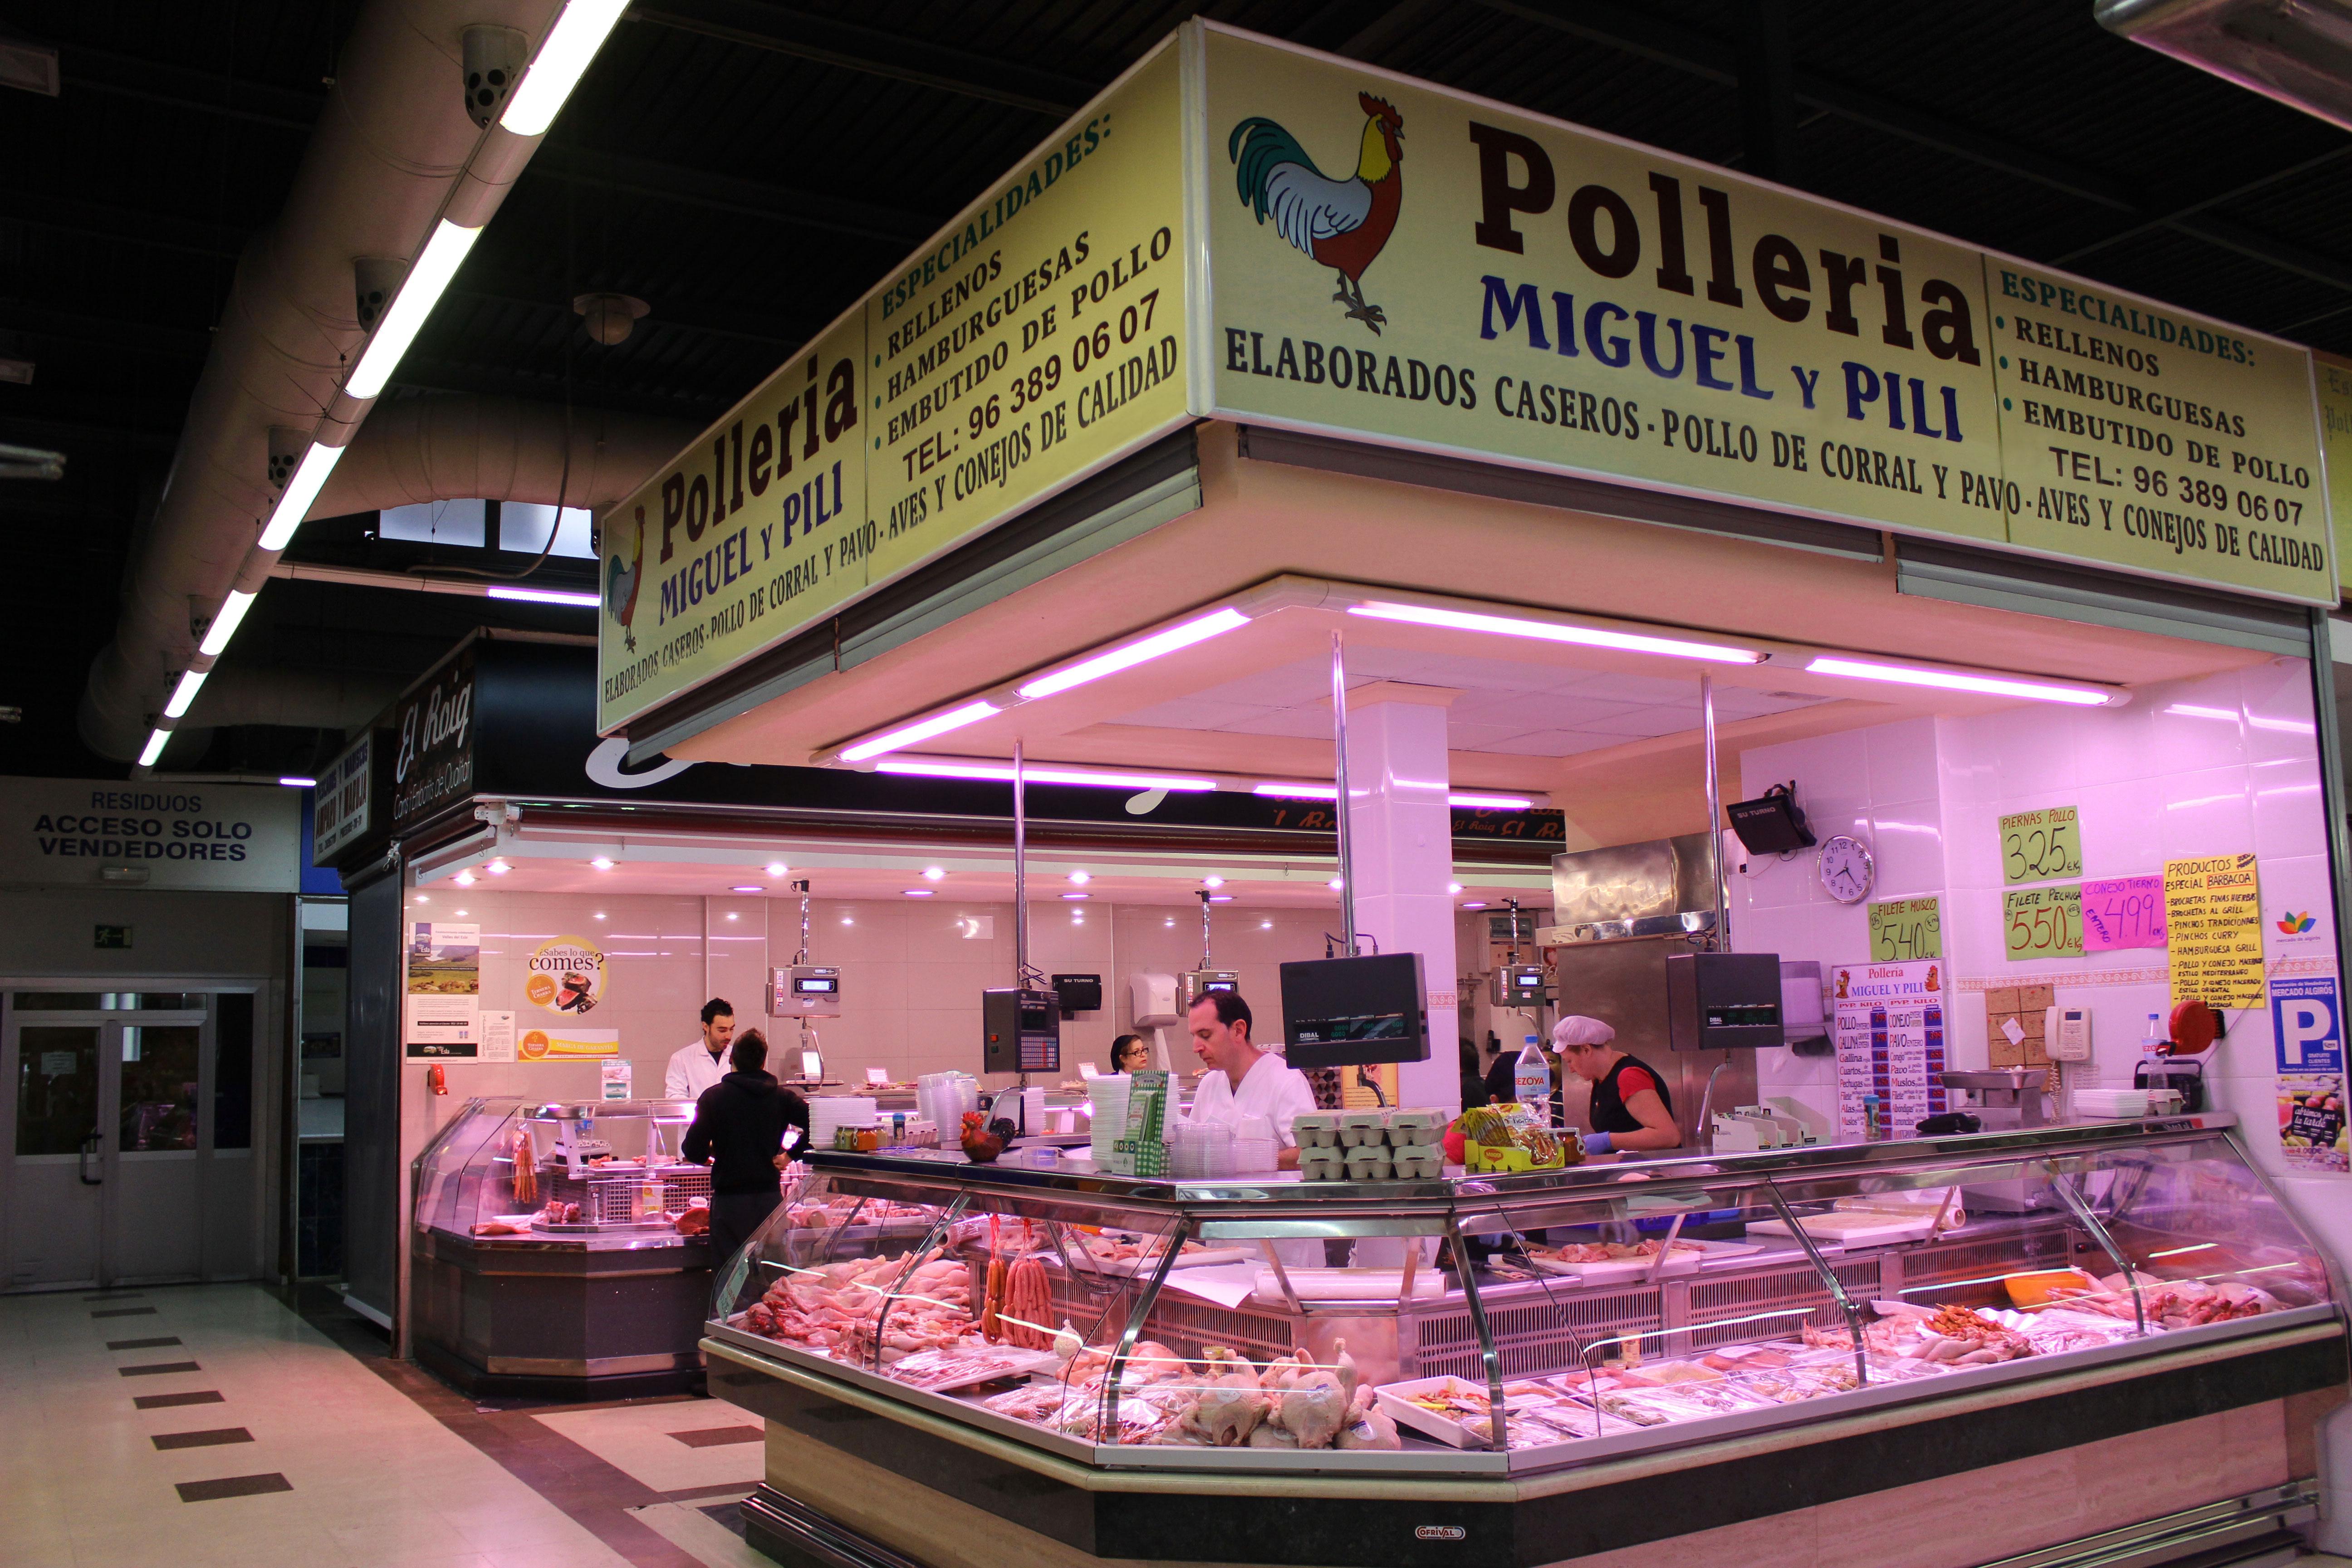 Poller a miguel y pili mercado de algir s - Carniceria en madrid ...